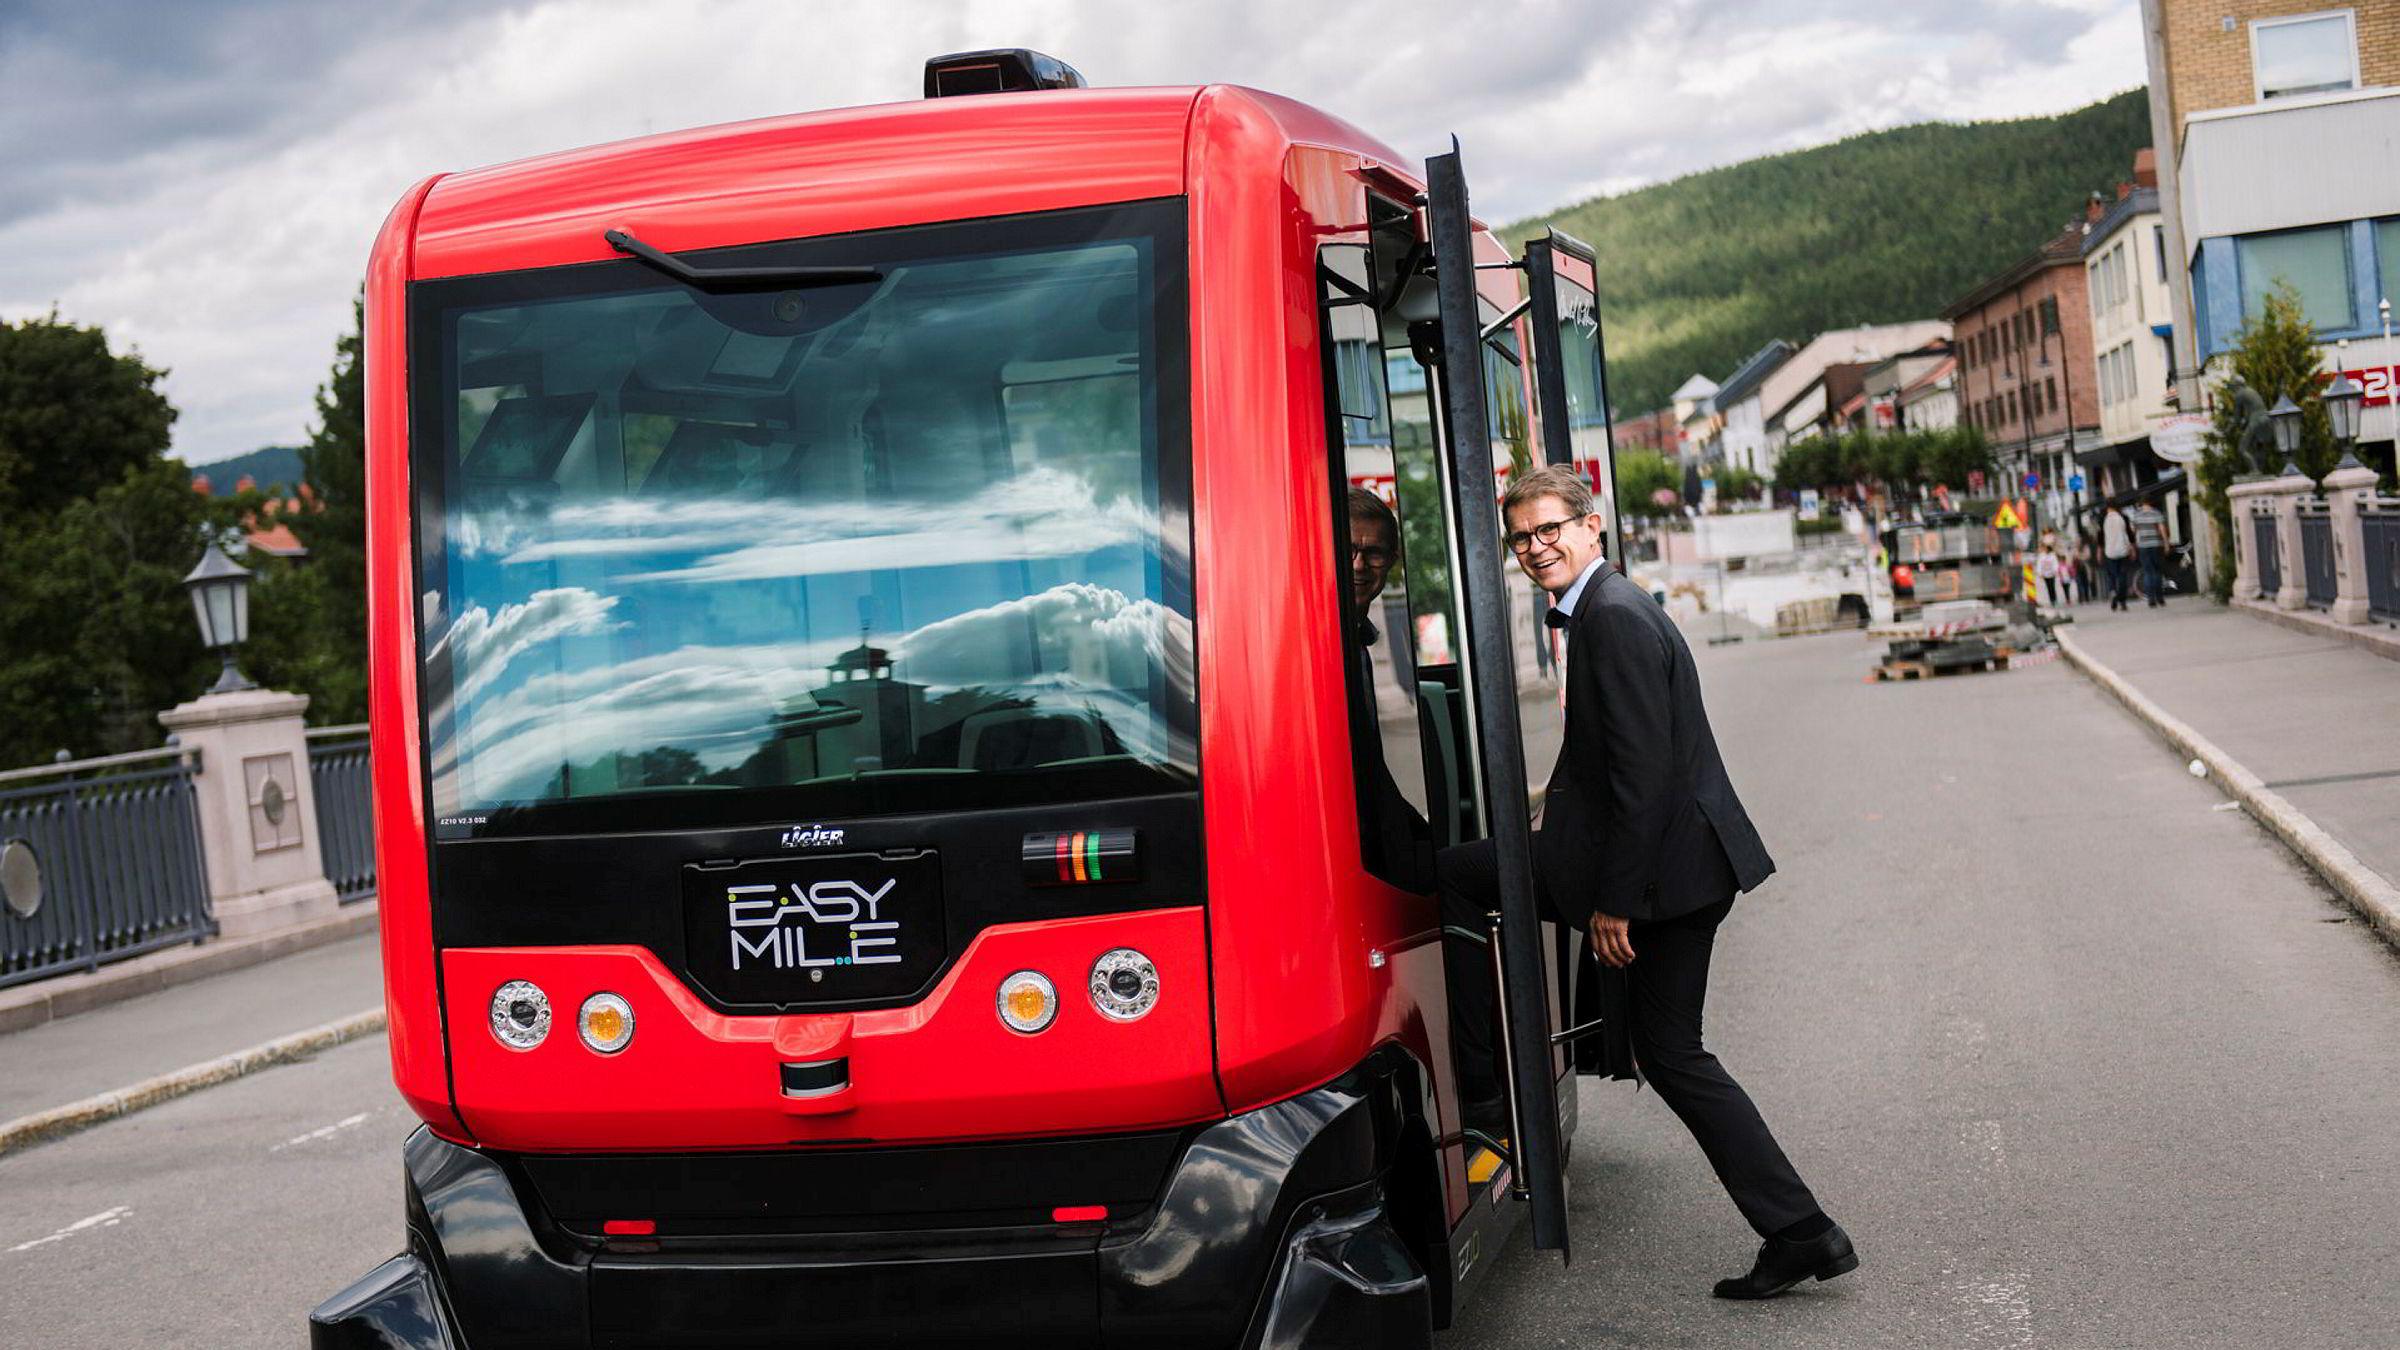 Tett samarbeid nasjonalt mellom private aktører, forskningsinstitutter og offentlig sektor er viktig om Norge skal kunne ta løsningene tidlig i bruk og eksportere kunnskap, tjenester og løsninger knyttet til fremtidens transportsystem. Her Olav Madland, daglig leder i Applied Autonomy som har vært delaktig å innføre den selvkjørende minibussen EZ10 til Norge.